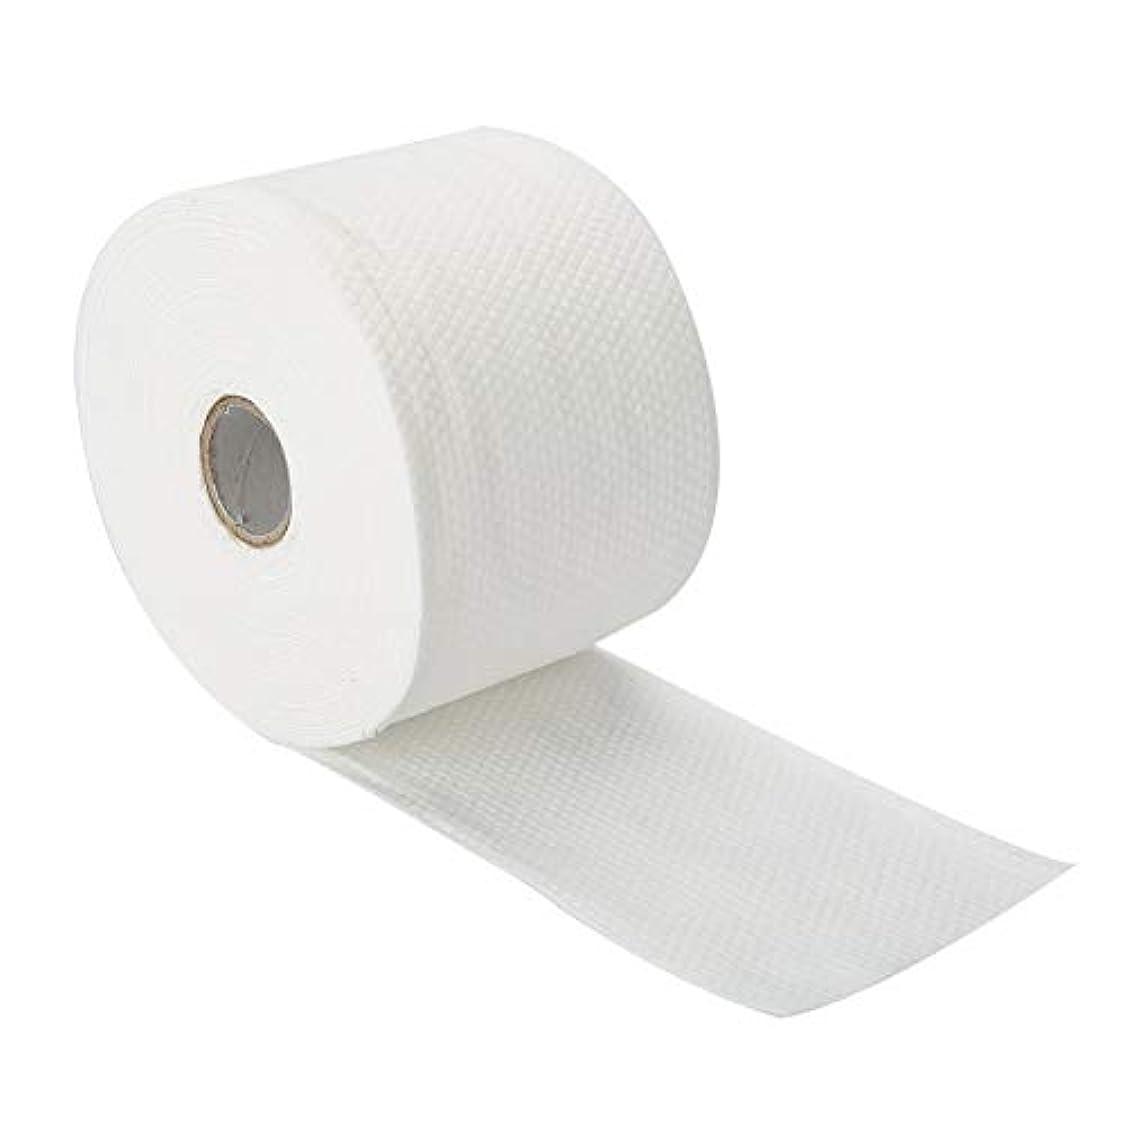 ロイヤリティ注文お祝い構造の使い捨て可能 表面 タオル 柔らかい Nonwoven クリーニングの化粧品の綿パッド25m